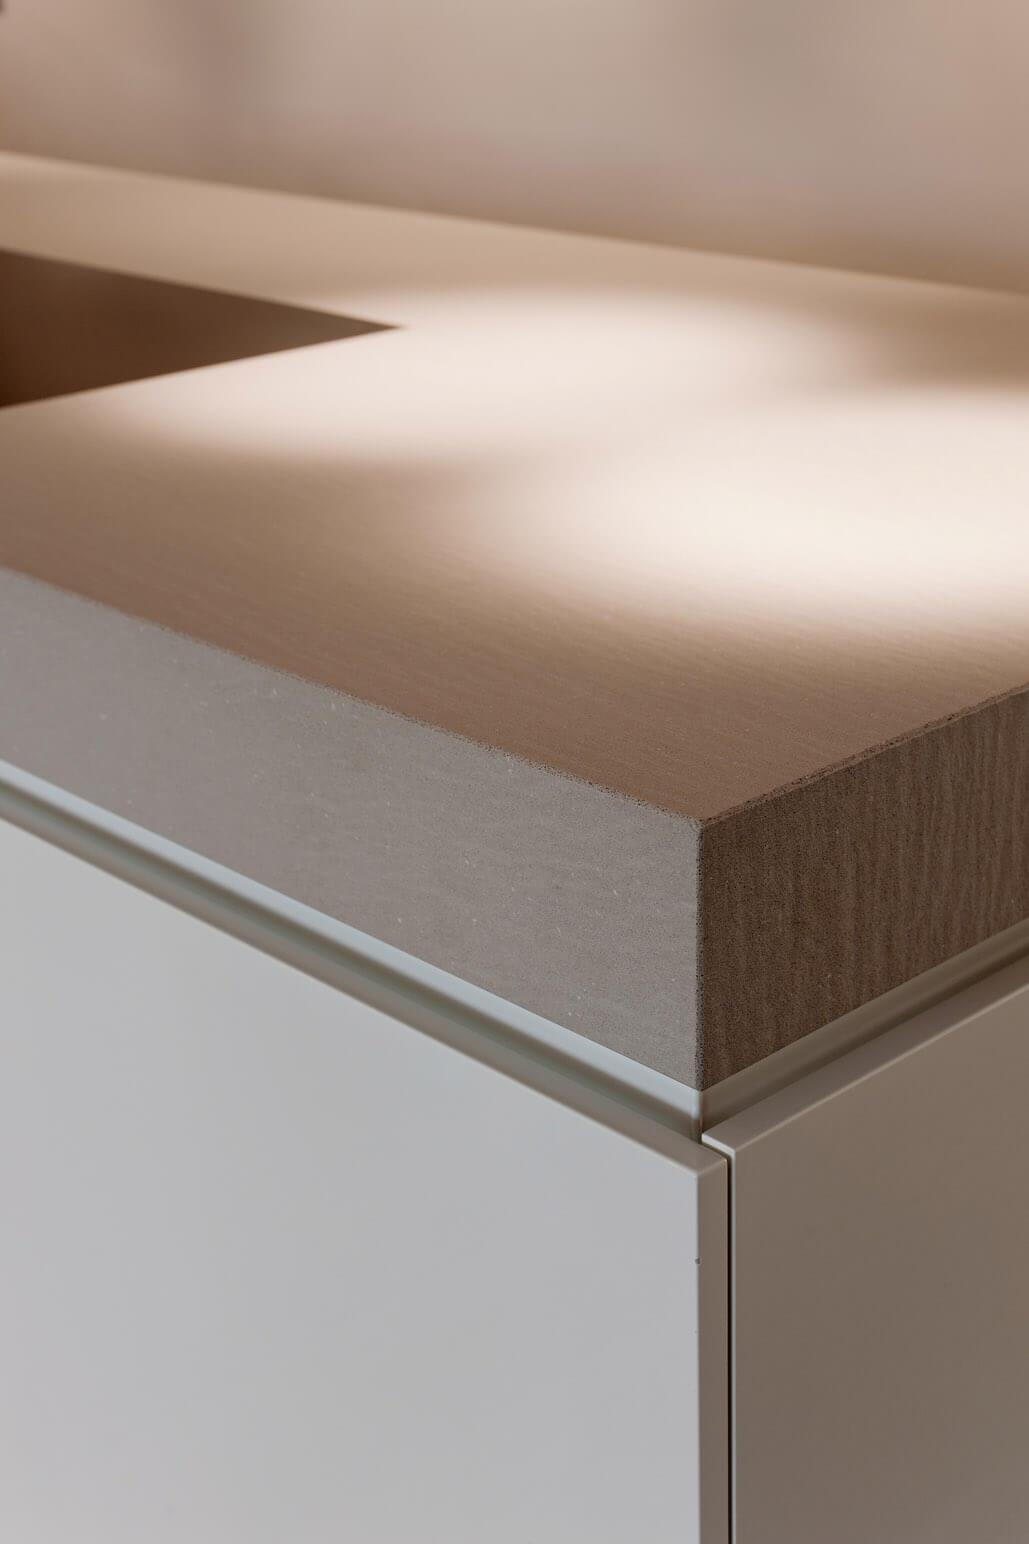 offene k che mit kochinsel und integriertem esstisch k chen funktional natursteinarbeiten. Black Bedroom Furniture Sets. Home Design Ideas